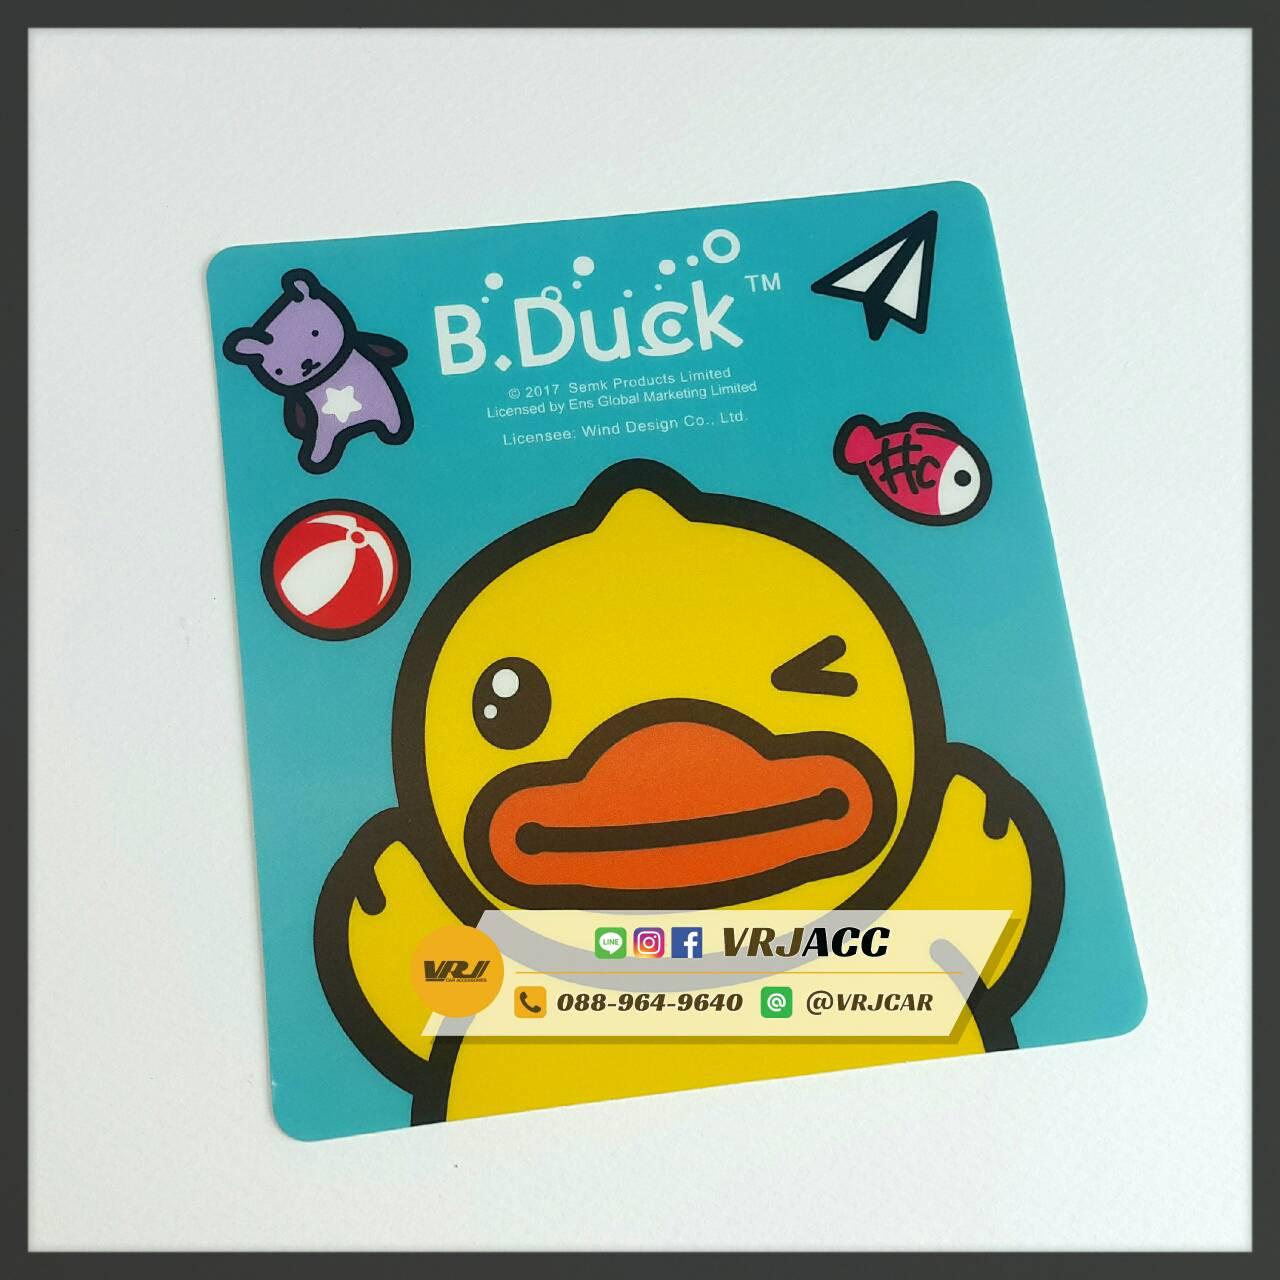 พรบ สูญญากาศ เป็ดเหลือง B Duck เป็ดฟ้า